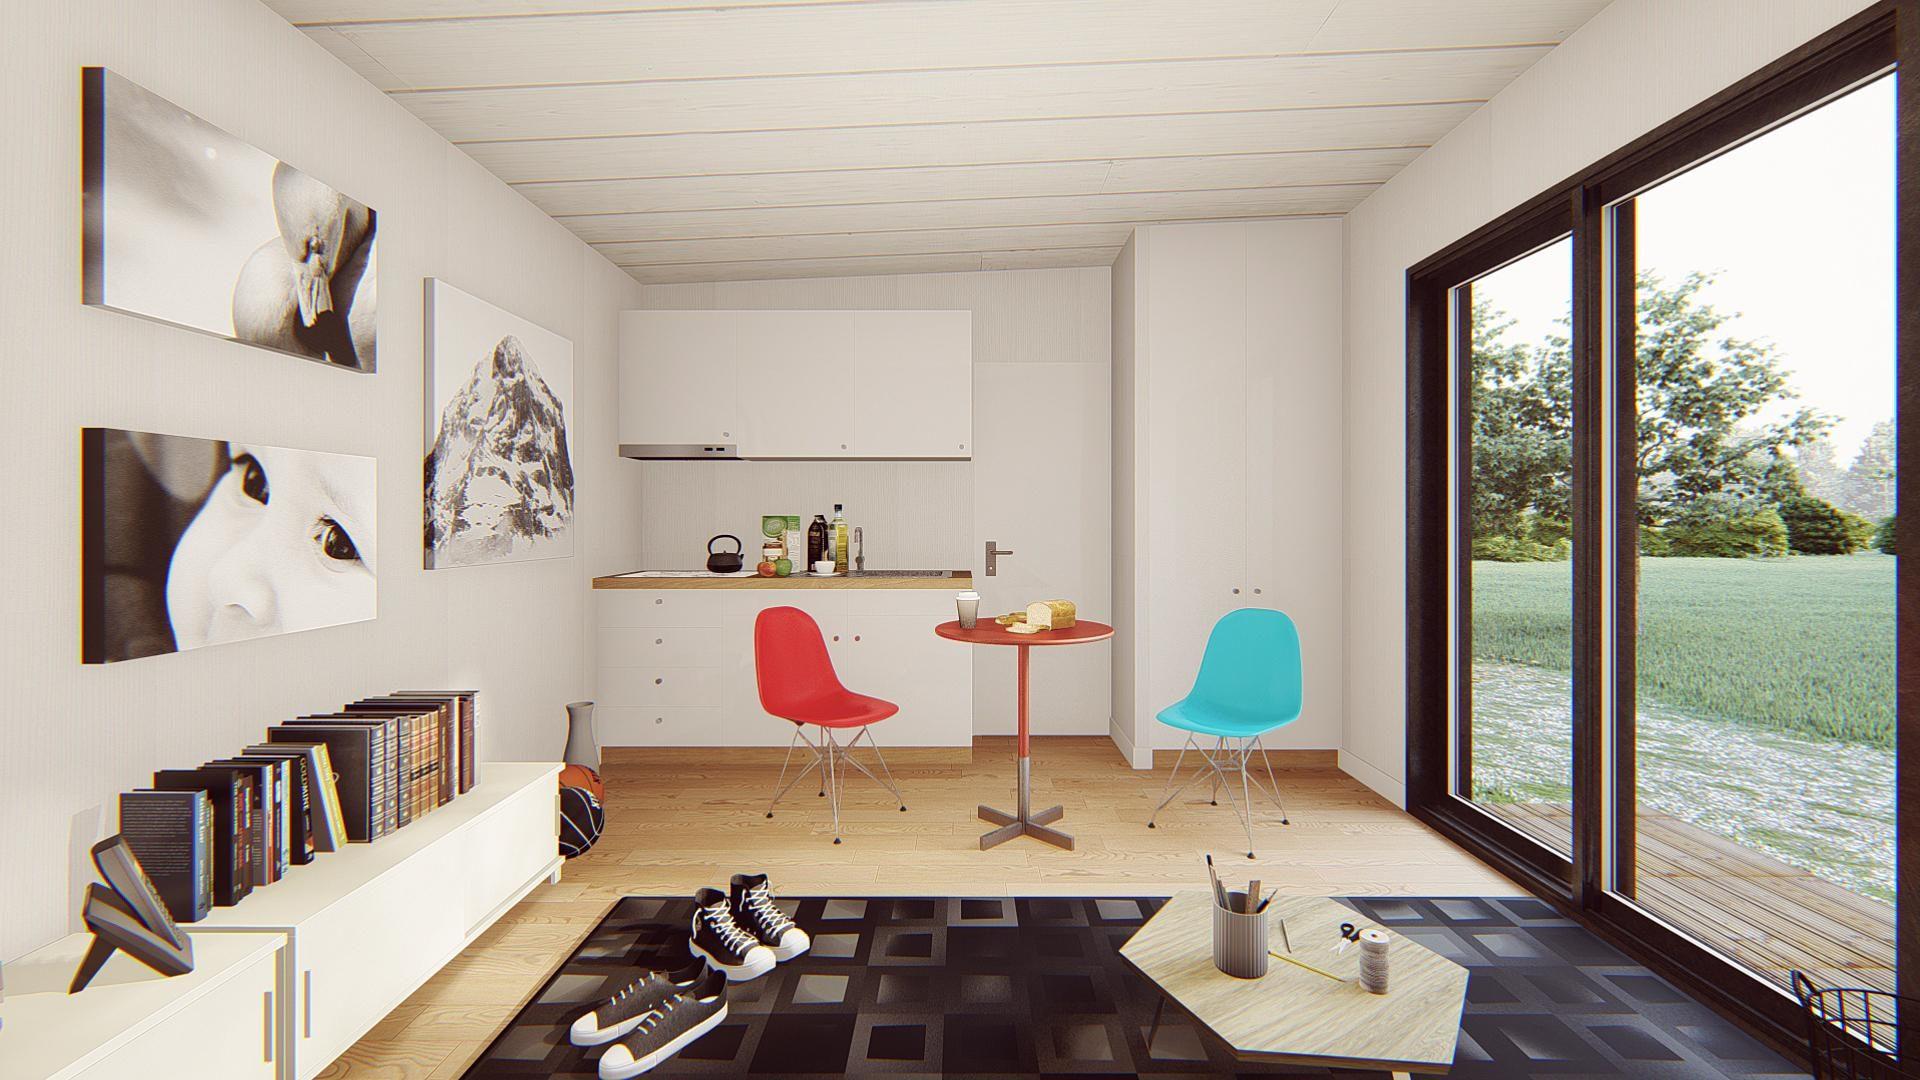 studio de jardin 35 m2 vue interieure